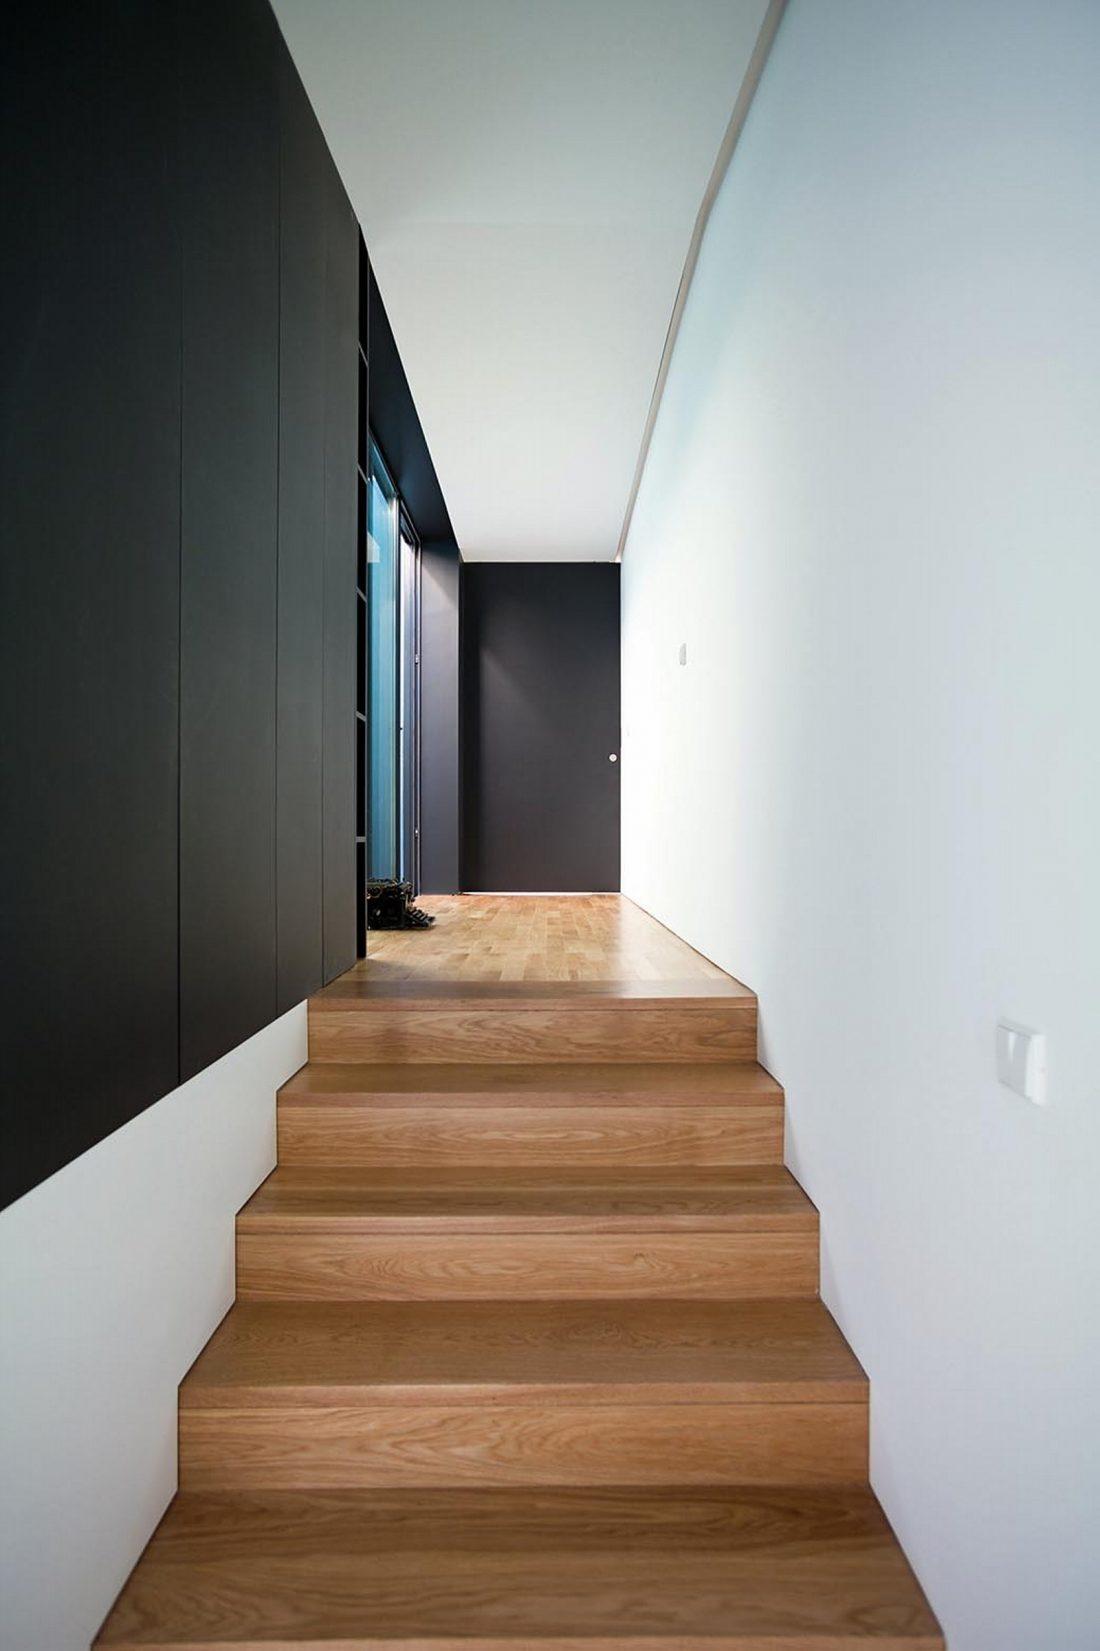 Реконструкция старинного дома Bonjardim House в Португалии по проекту ATKA arquitectos 20